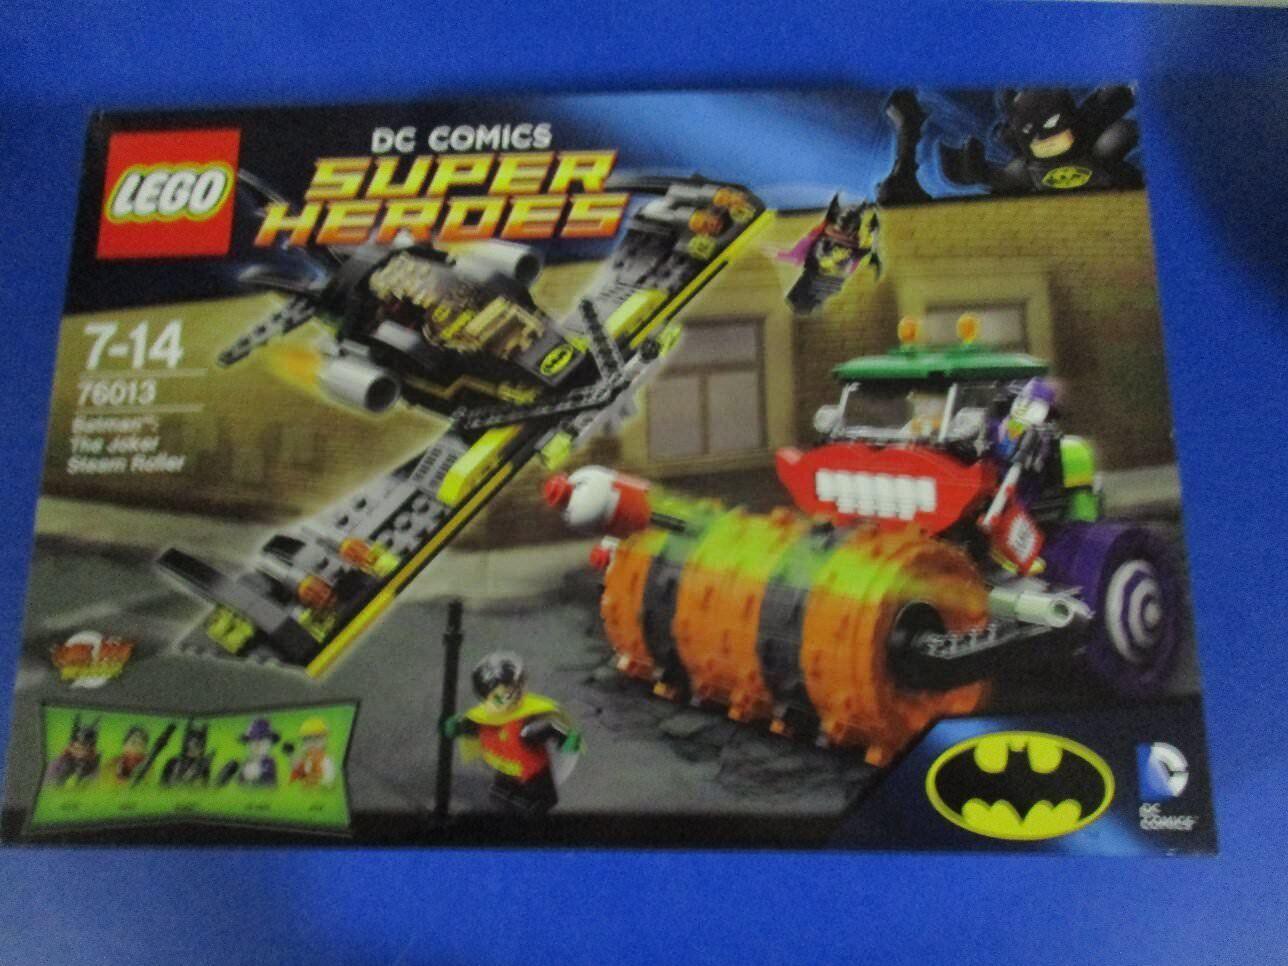 Lego Super Heroes Batman 76013 Jokers vapor Roller nuevo embalaje original